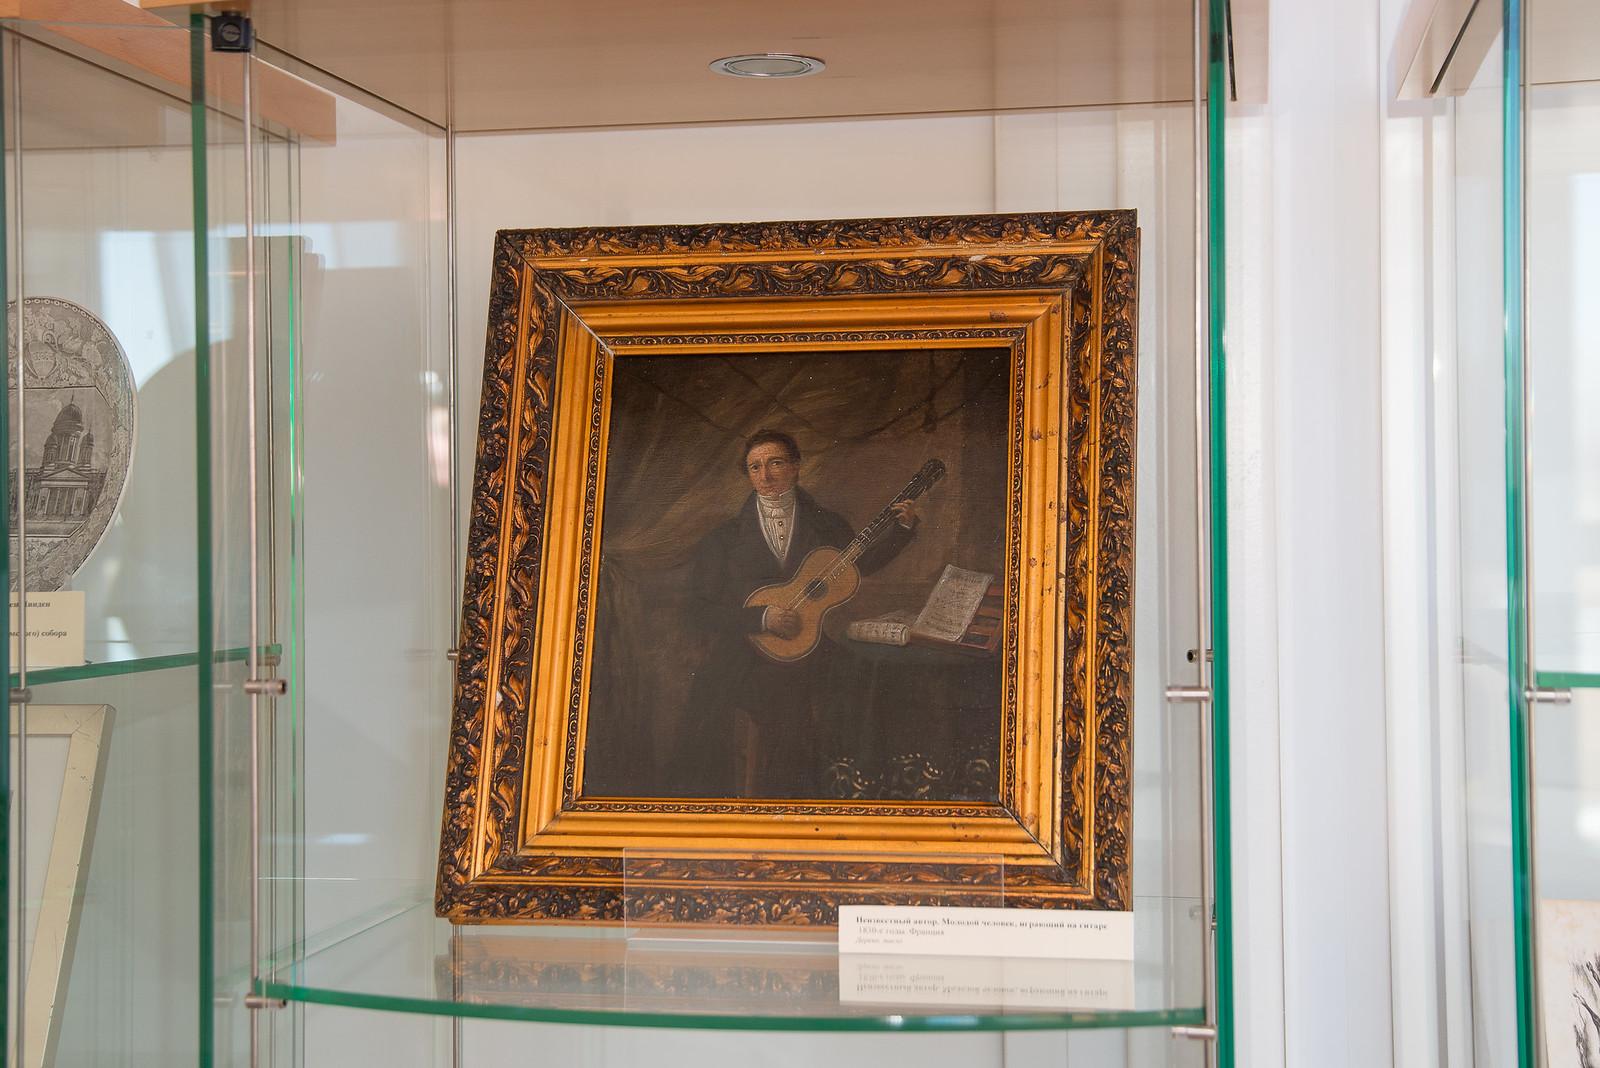 Неизвестный автор. Молодой человек, играющий на гитаре. 1830